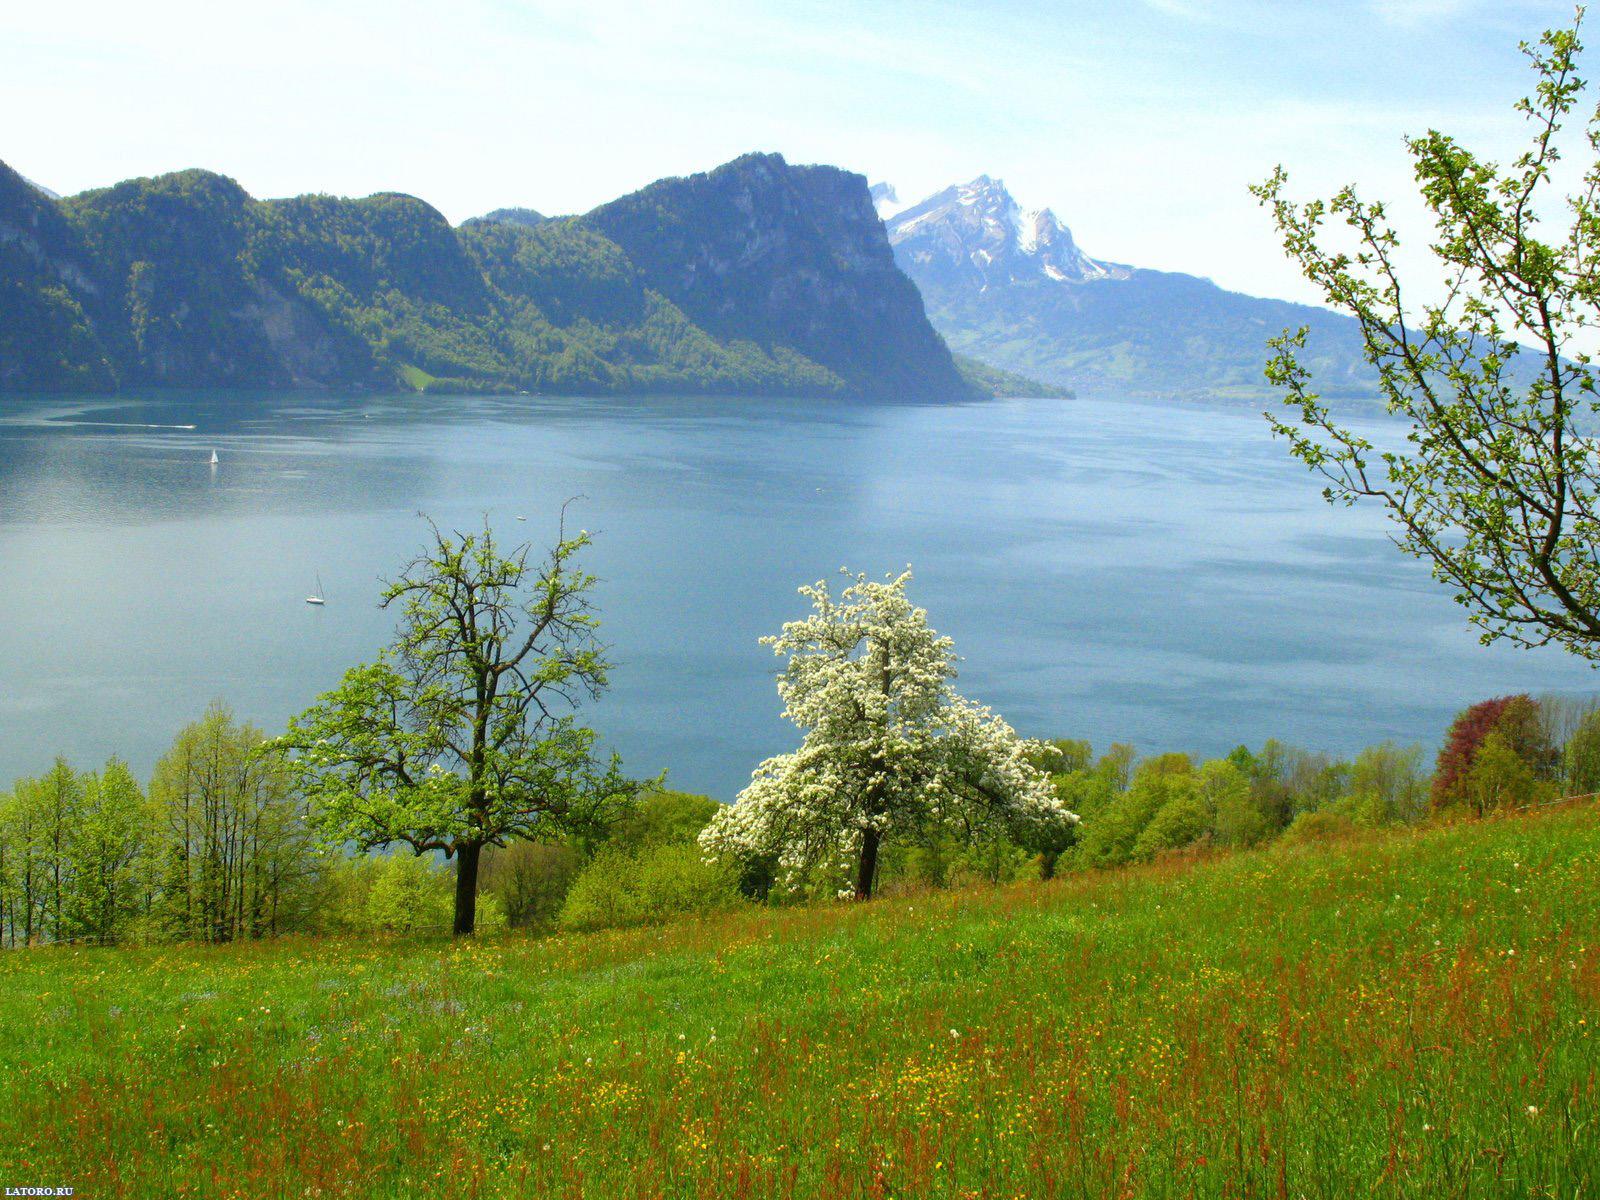 http://1.bp.blogspot.com/-MKsajJThtN8/T8xjKoOL6oI/AAAAAAAABeA/XkgtrsFWnDU/s1600/Desktop-wallpapers-free-Spring-in-Switzerland.jpg